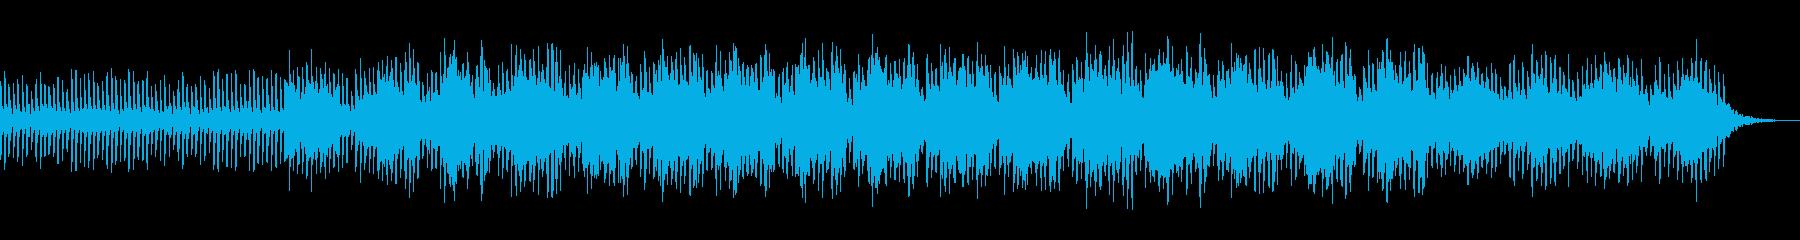 生命の誕生を想起させる神秘的BGMの再生済みの波形